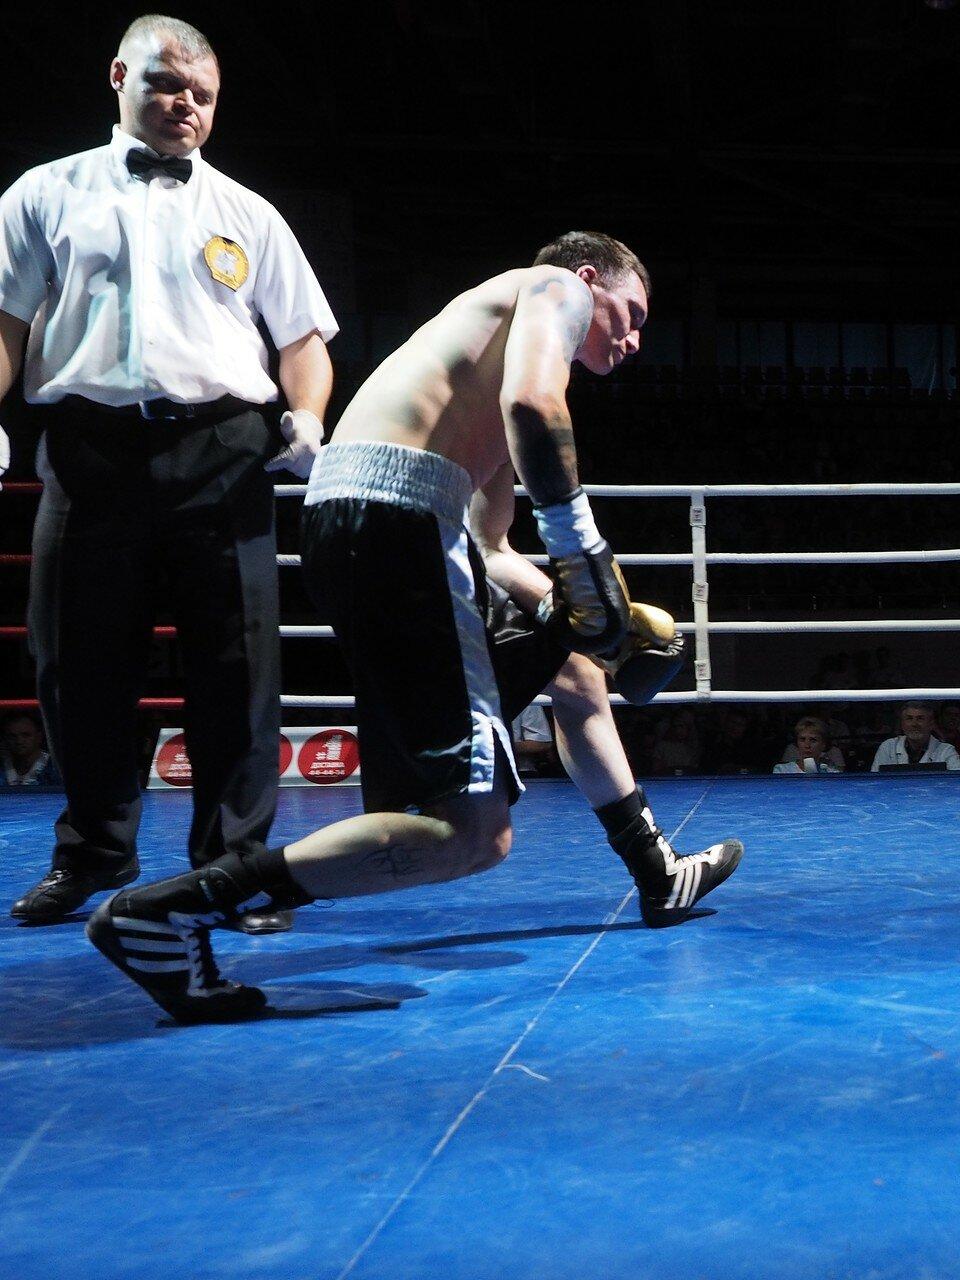 93 Вечер профессионального бокса в Магнитогорске 06.07.2017